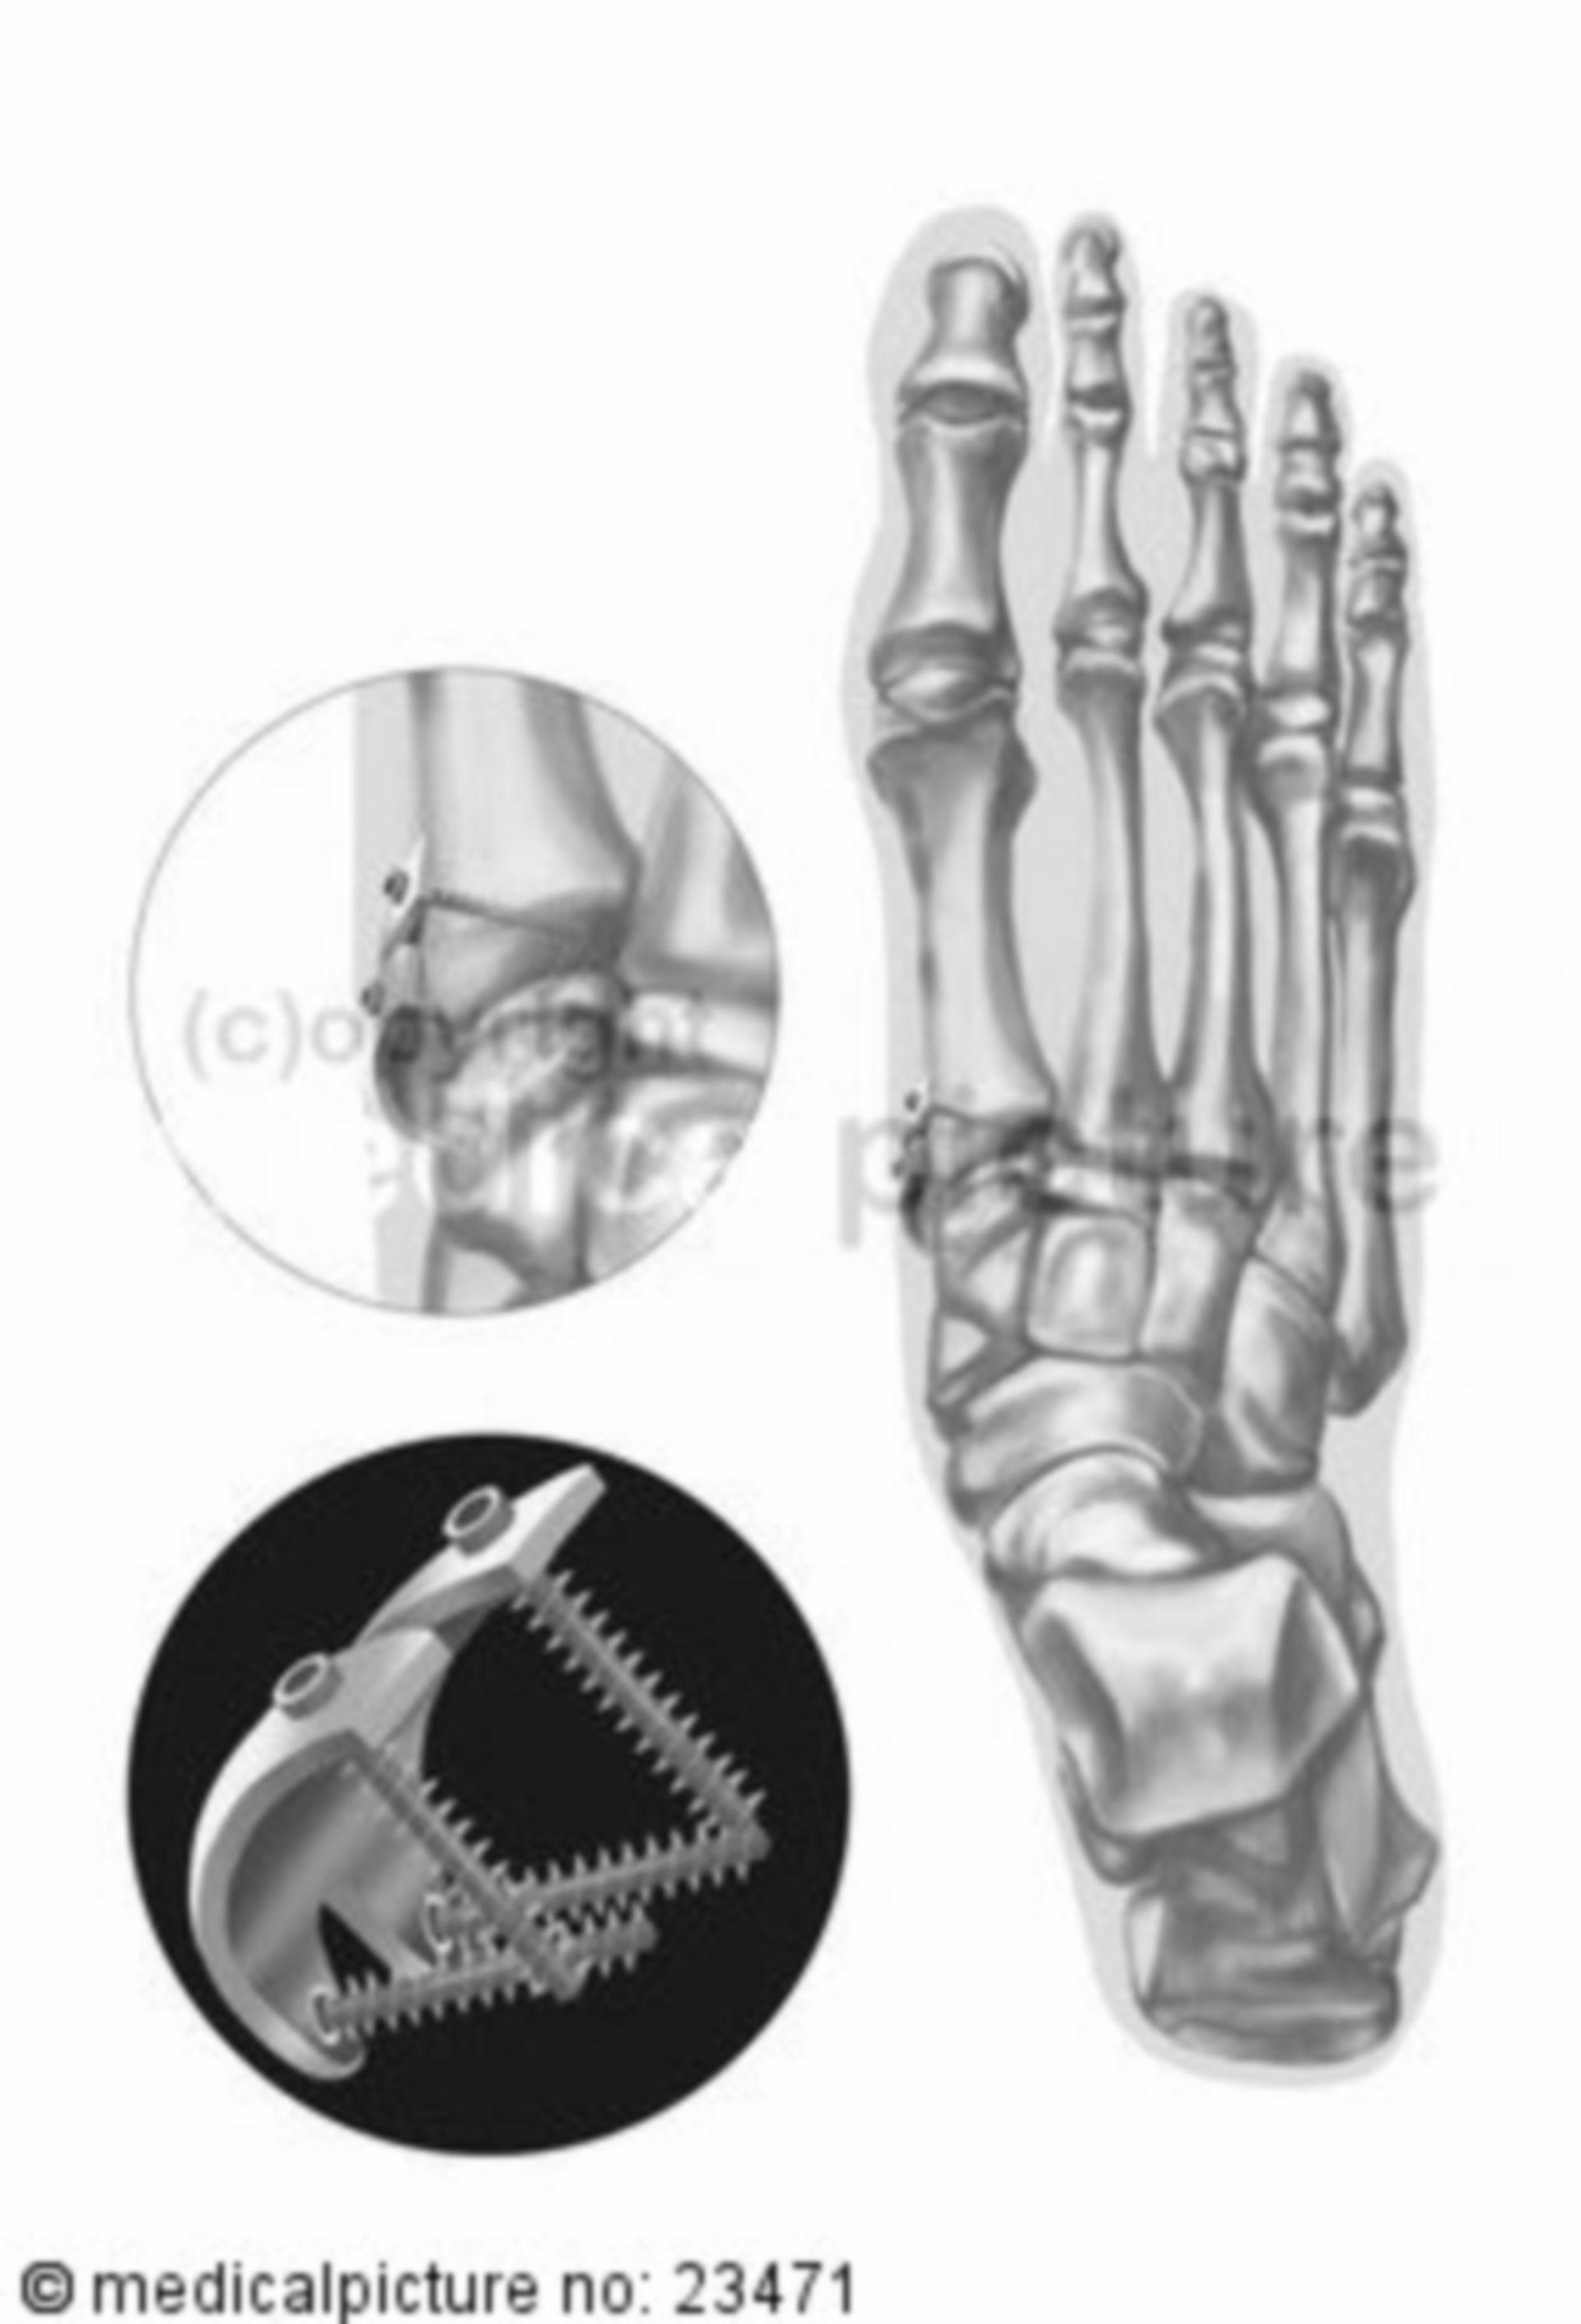 Operative Korrektur (Implantation) eines Hallux valgus